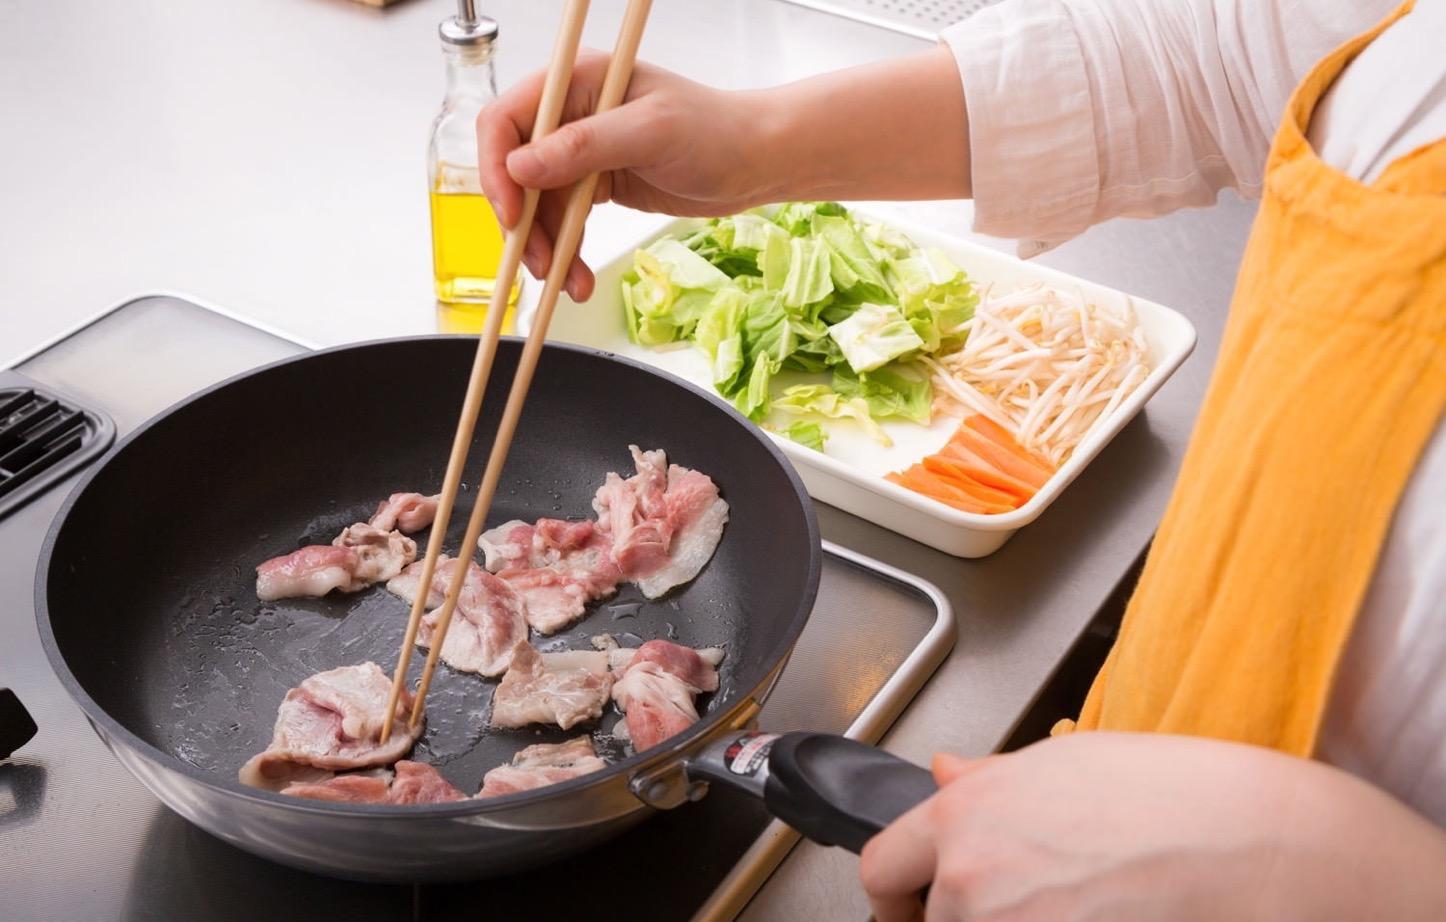 Igarashi-Couple-Cooking-Free-Photos-19.jpg